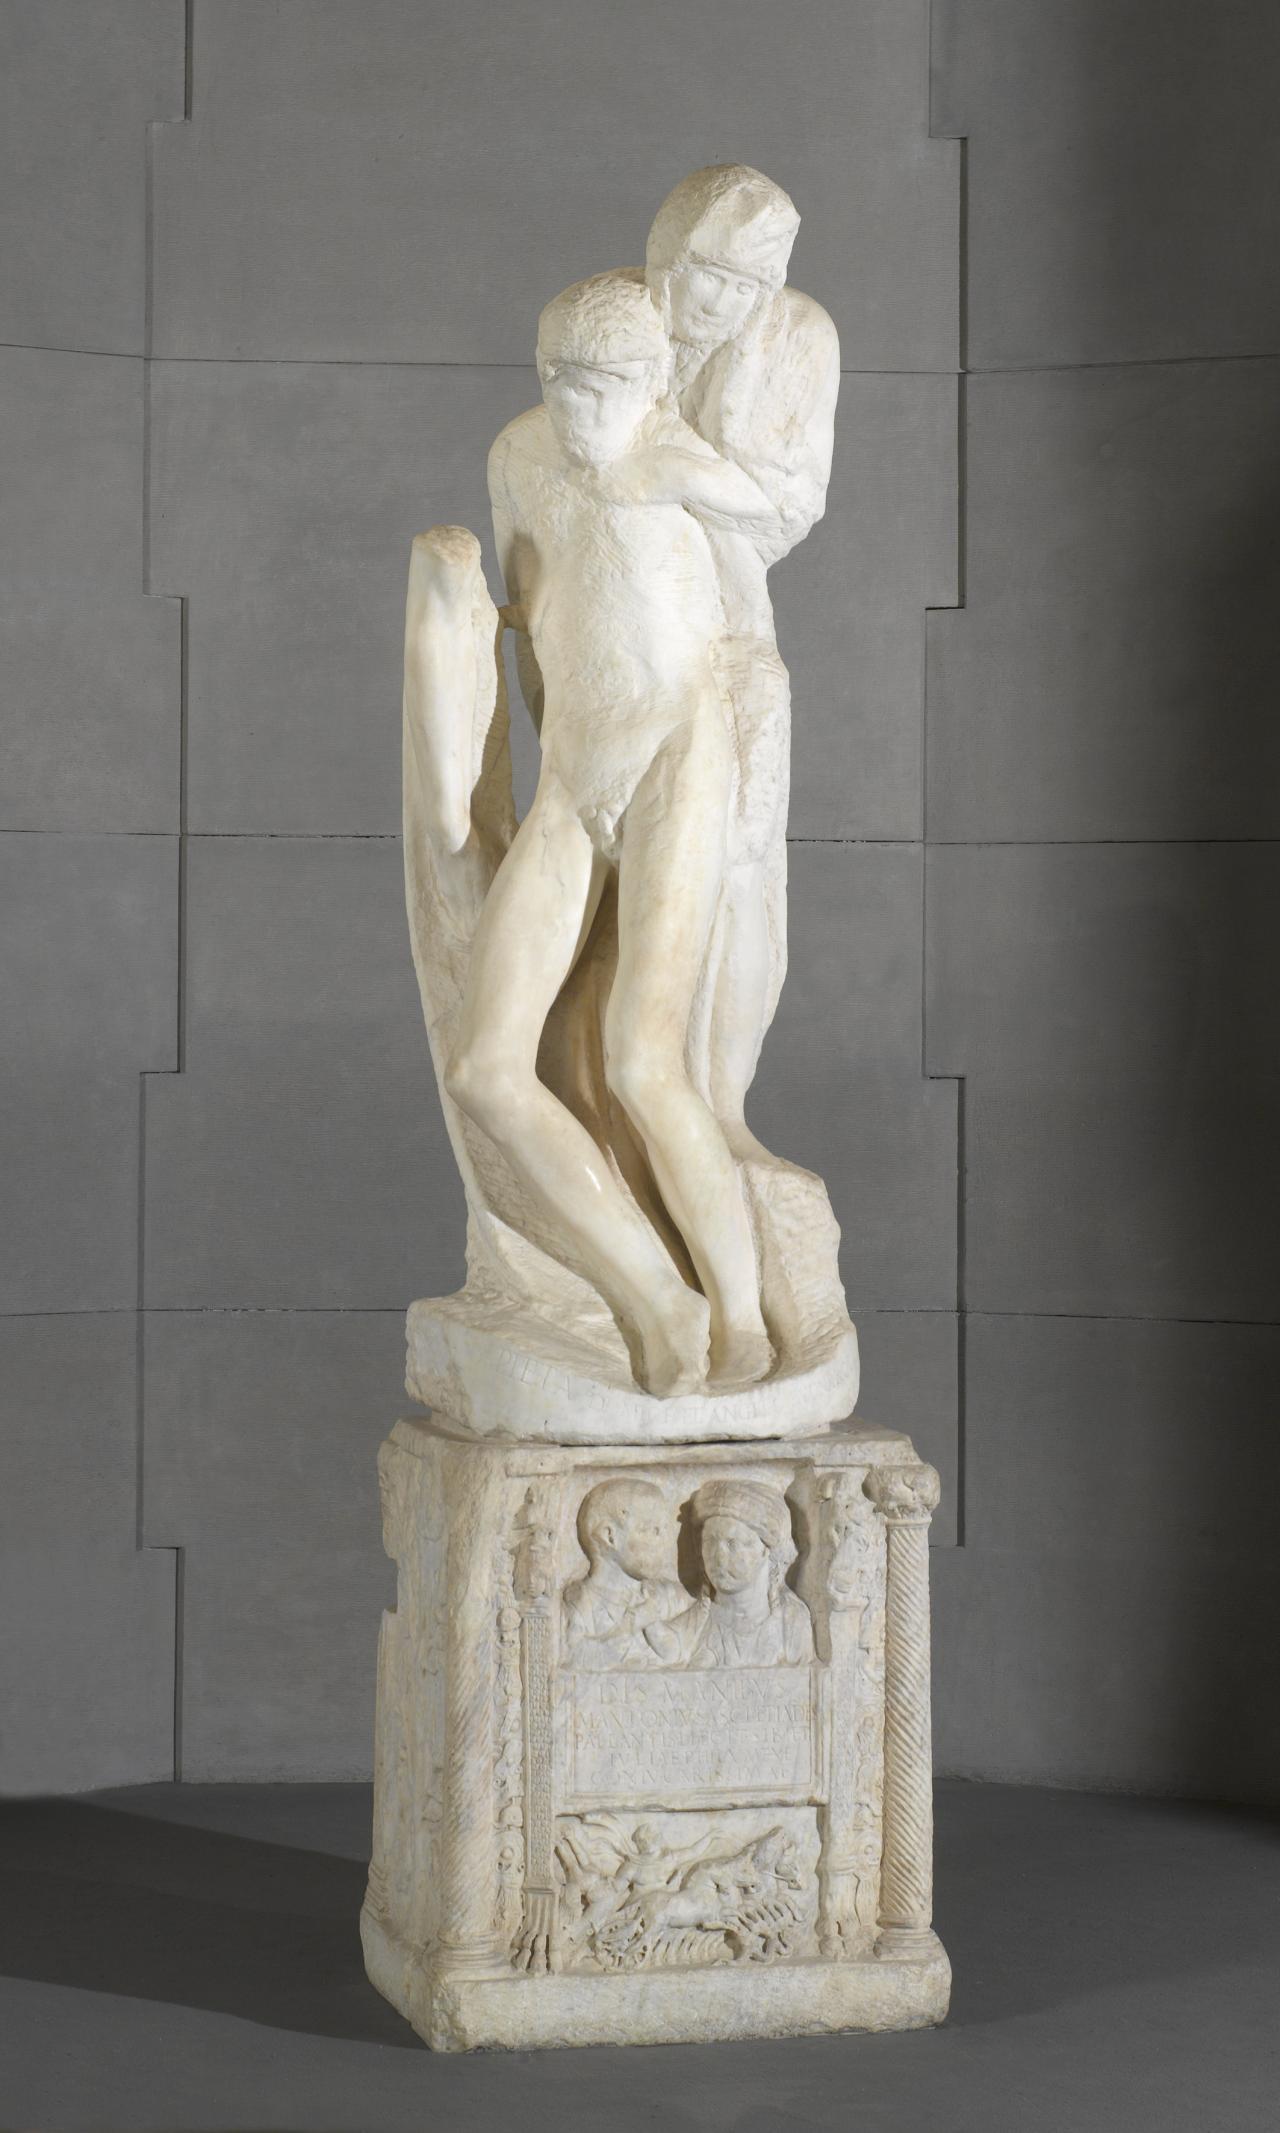 미켈란젤로 부오나로티(Michelangelo Buonarroti), , 1552-1564, 대리석, 스포르체스코 성